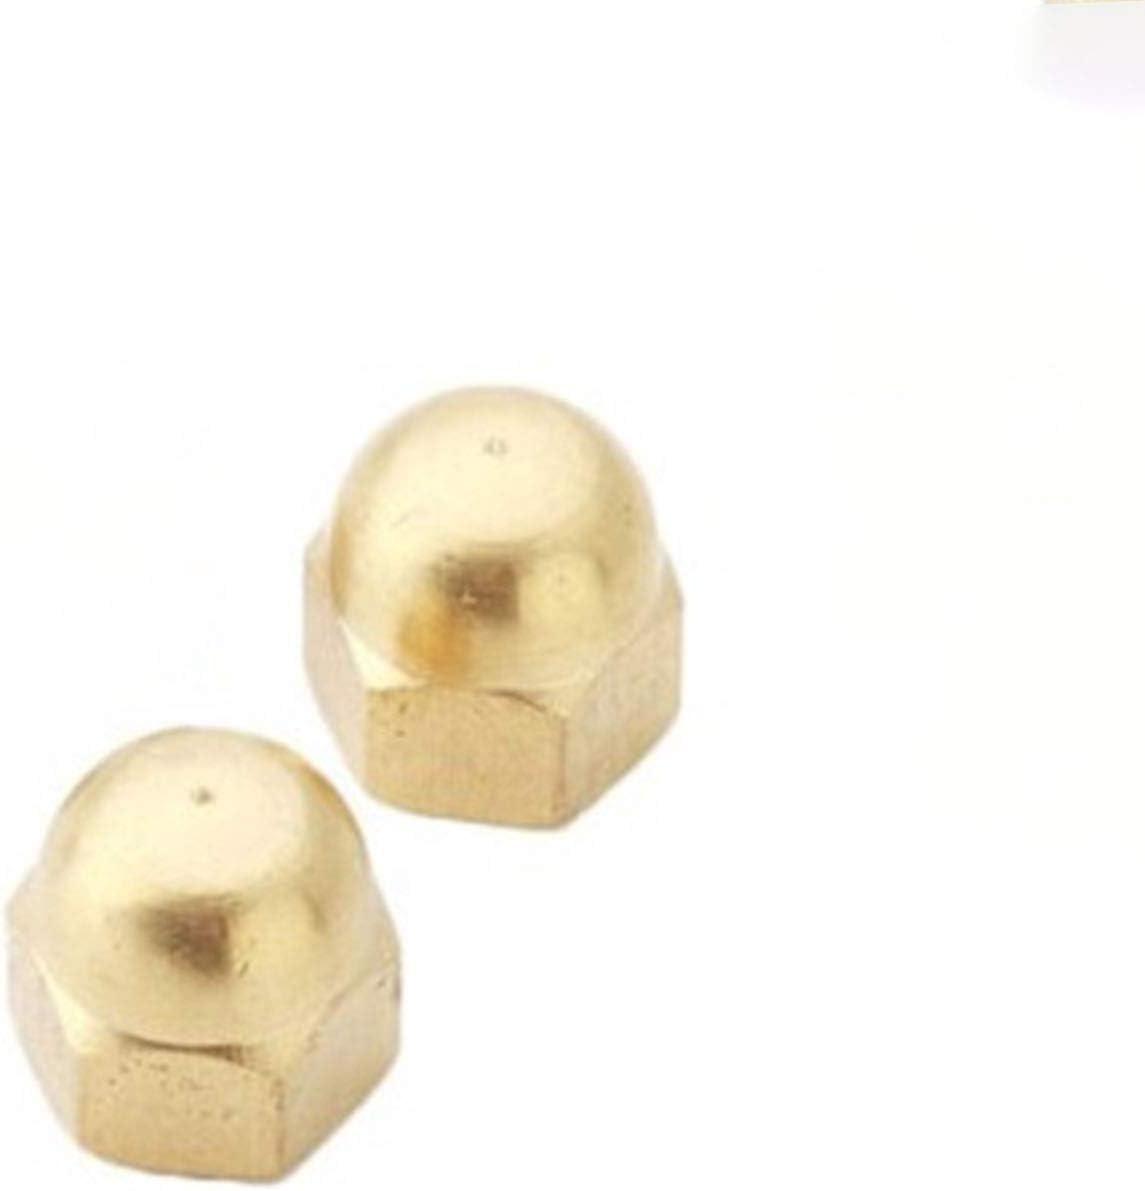 BEYTII 2-50pc Material De Lat/ón Tuercas M3 M4 M5 M6 M8 M10 M12 M16 Tapas De Lat/ón Tuercas Tuercas Accesorios De Hardware C/úpula Hex/ágono Nueces Size : M3 10pcs